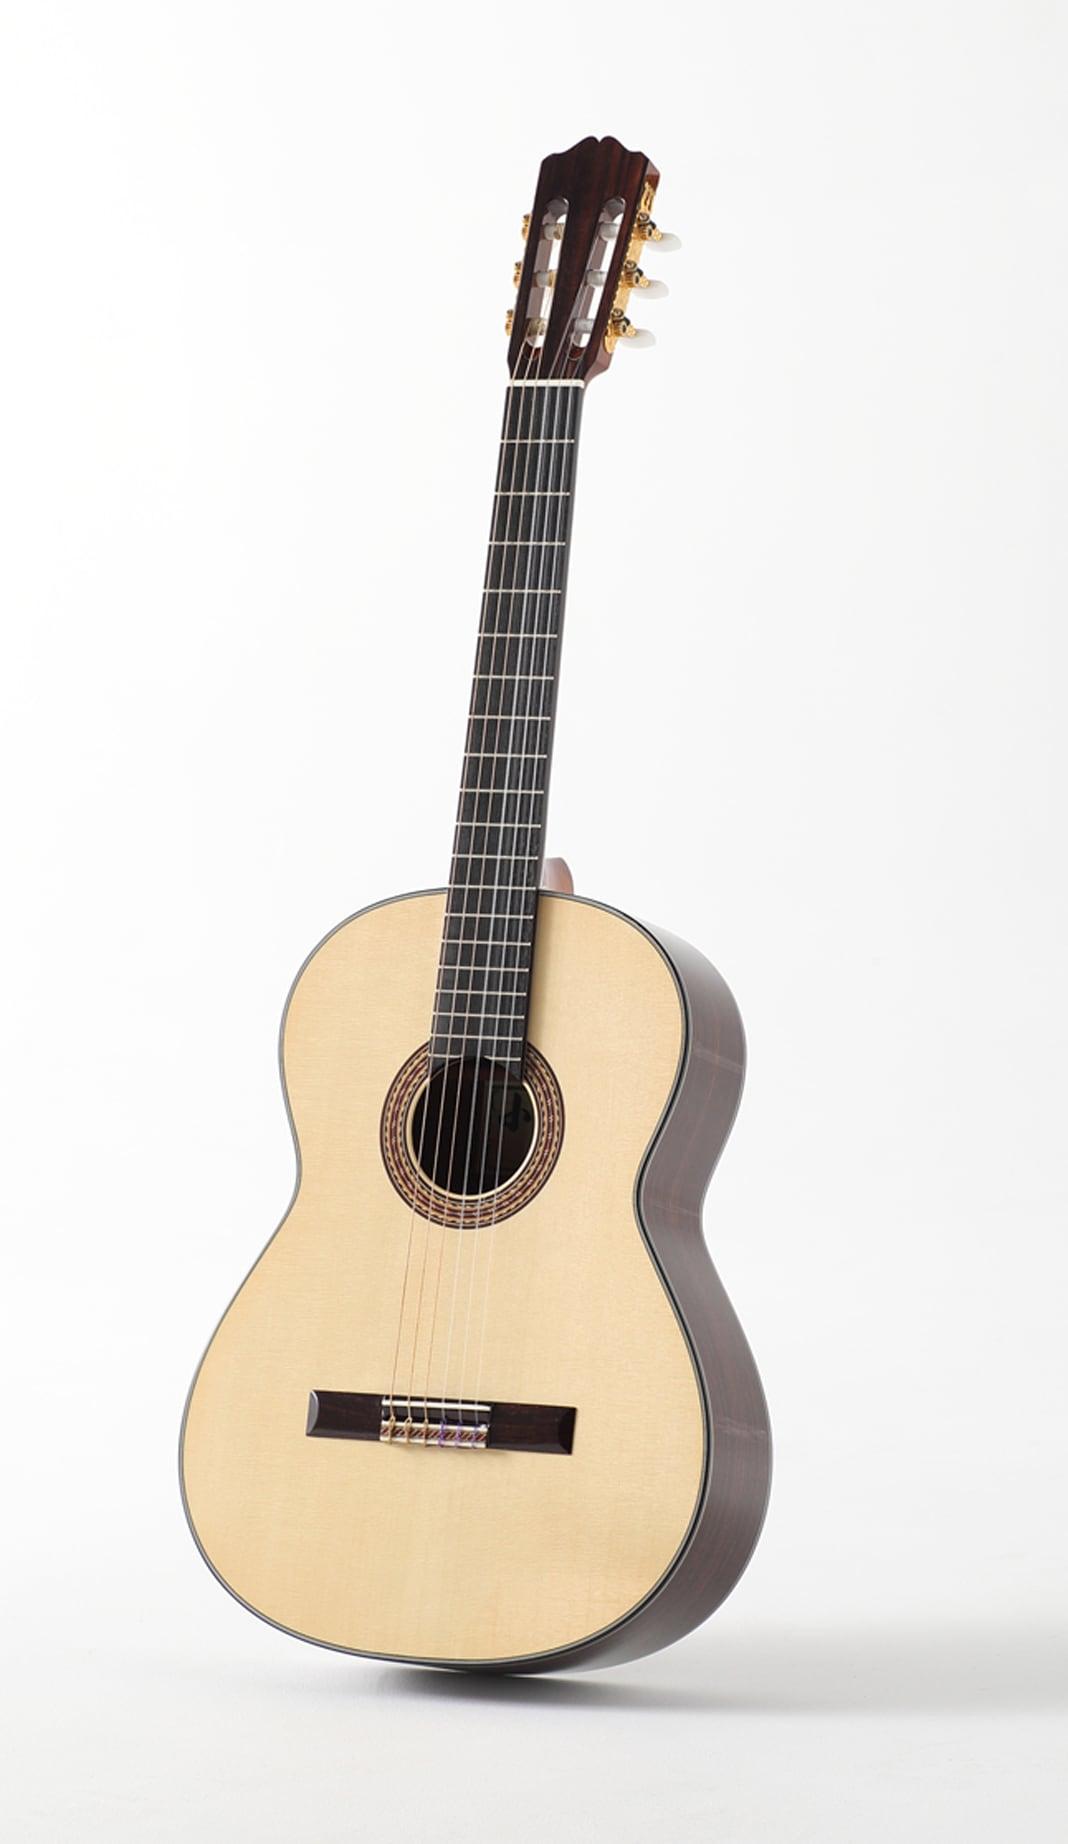 クラシックギター 小平№120(650mm)